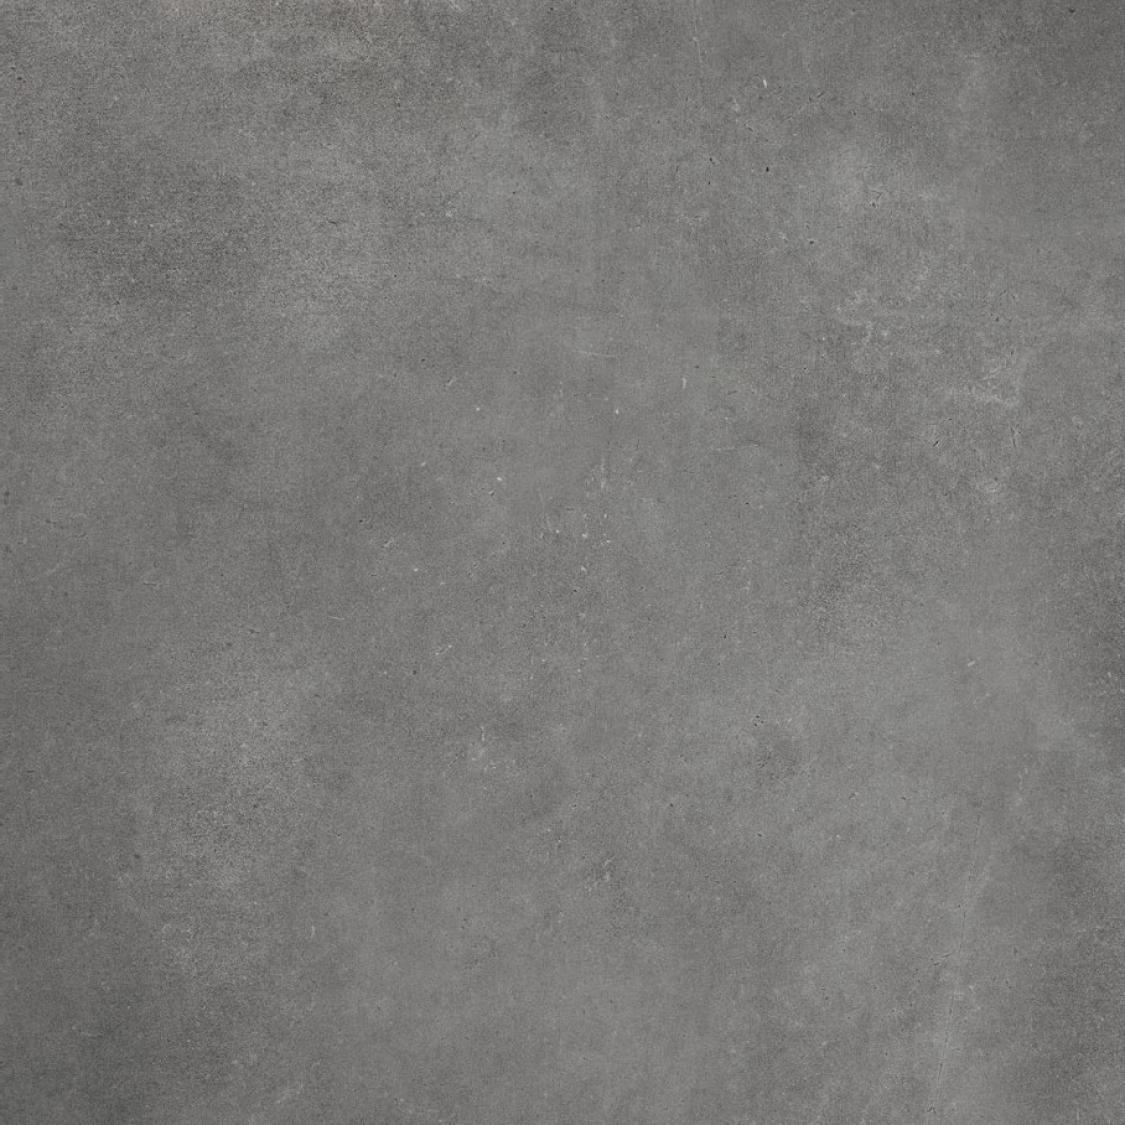 Colorare Pavimento In Cotto ceramiche pronte ::: effetto pietra: 75 pietre sedimentarie